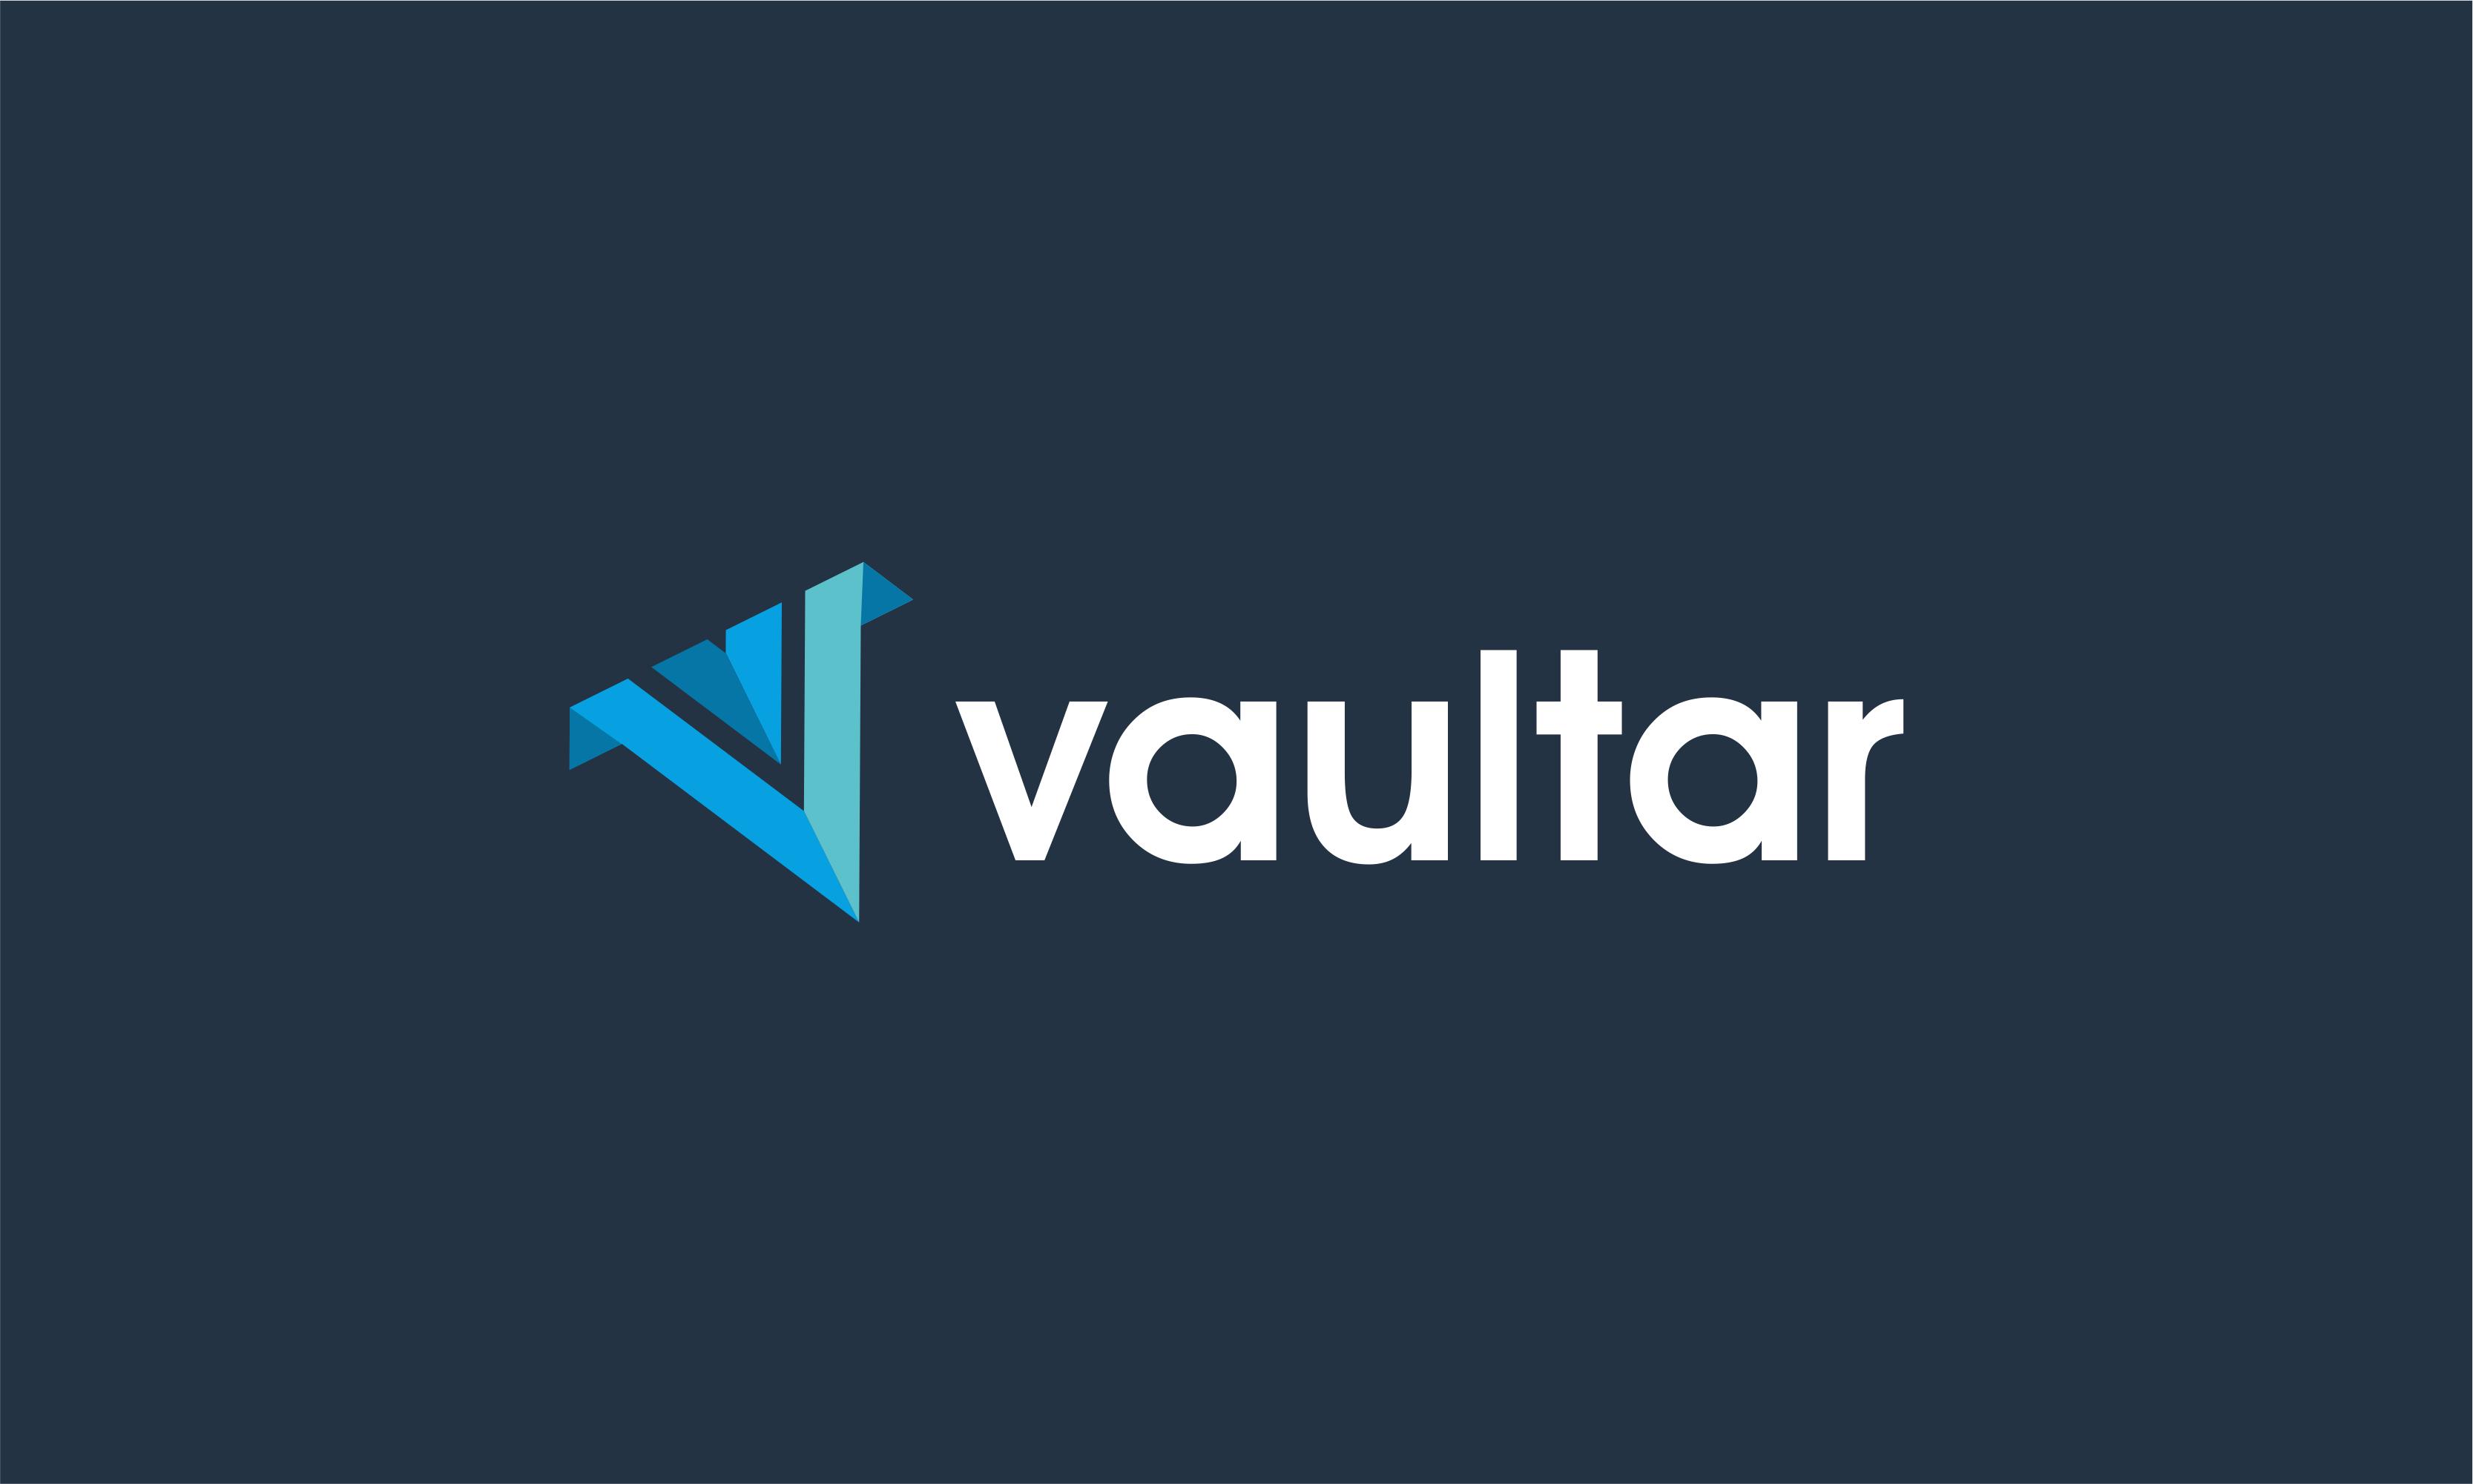 Vaultar